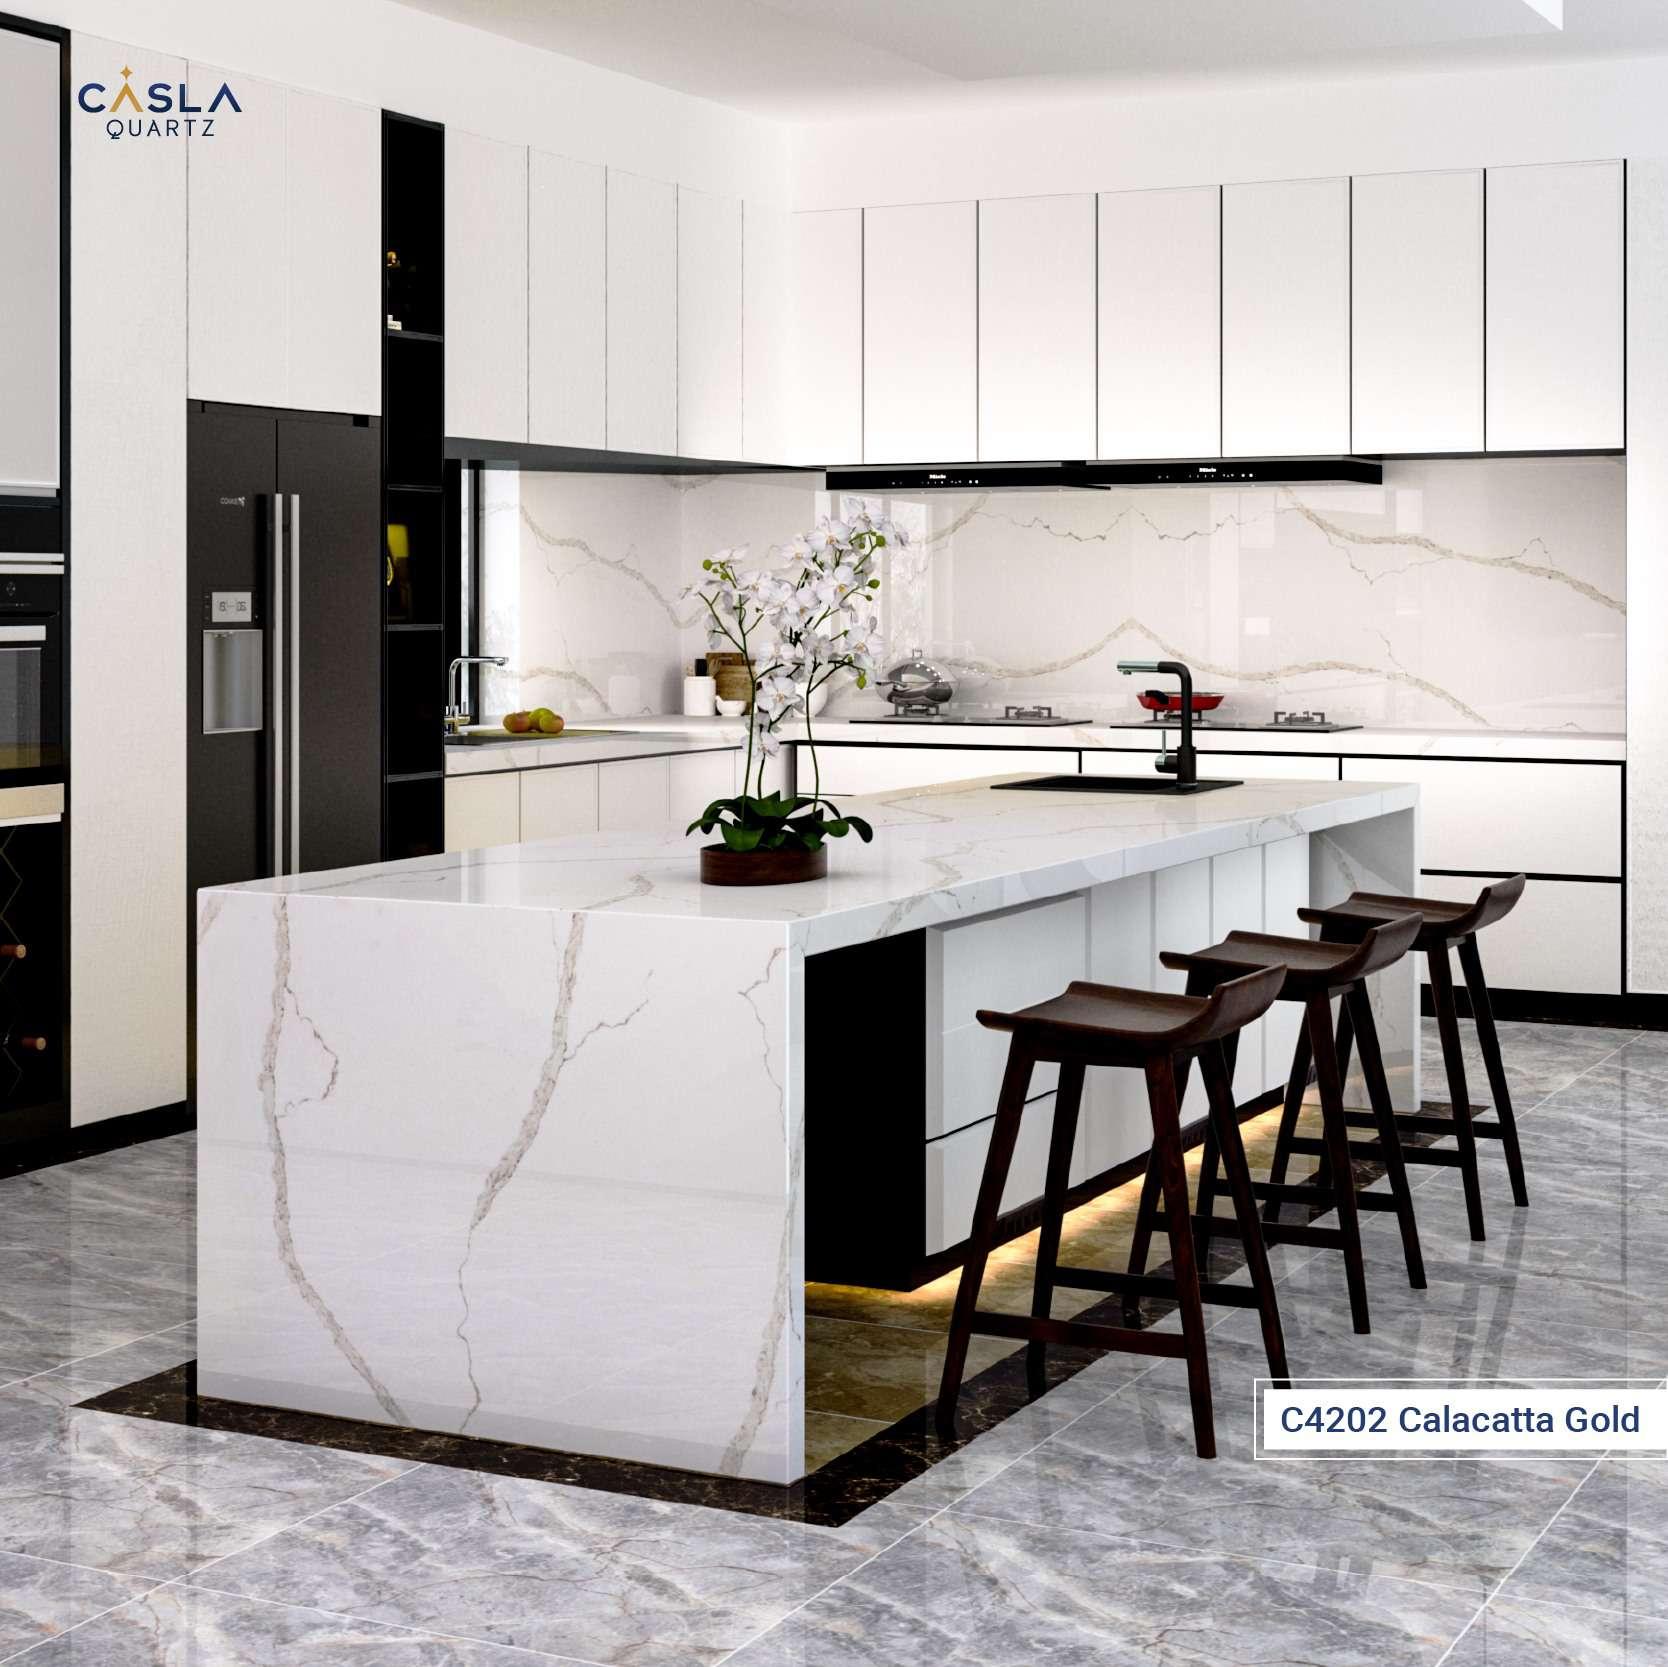 Top 5 mẫu bàn bếp thạch anh nhân tạo Caslaquartz thời thượng:mẫu đá C4202 Calacatta Gold